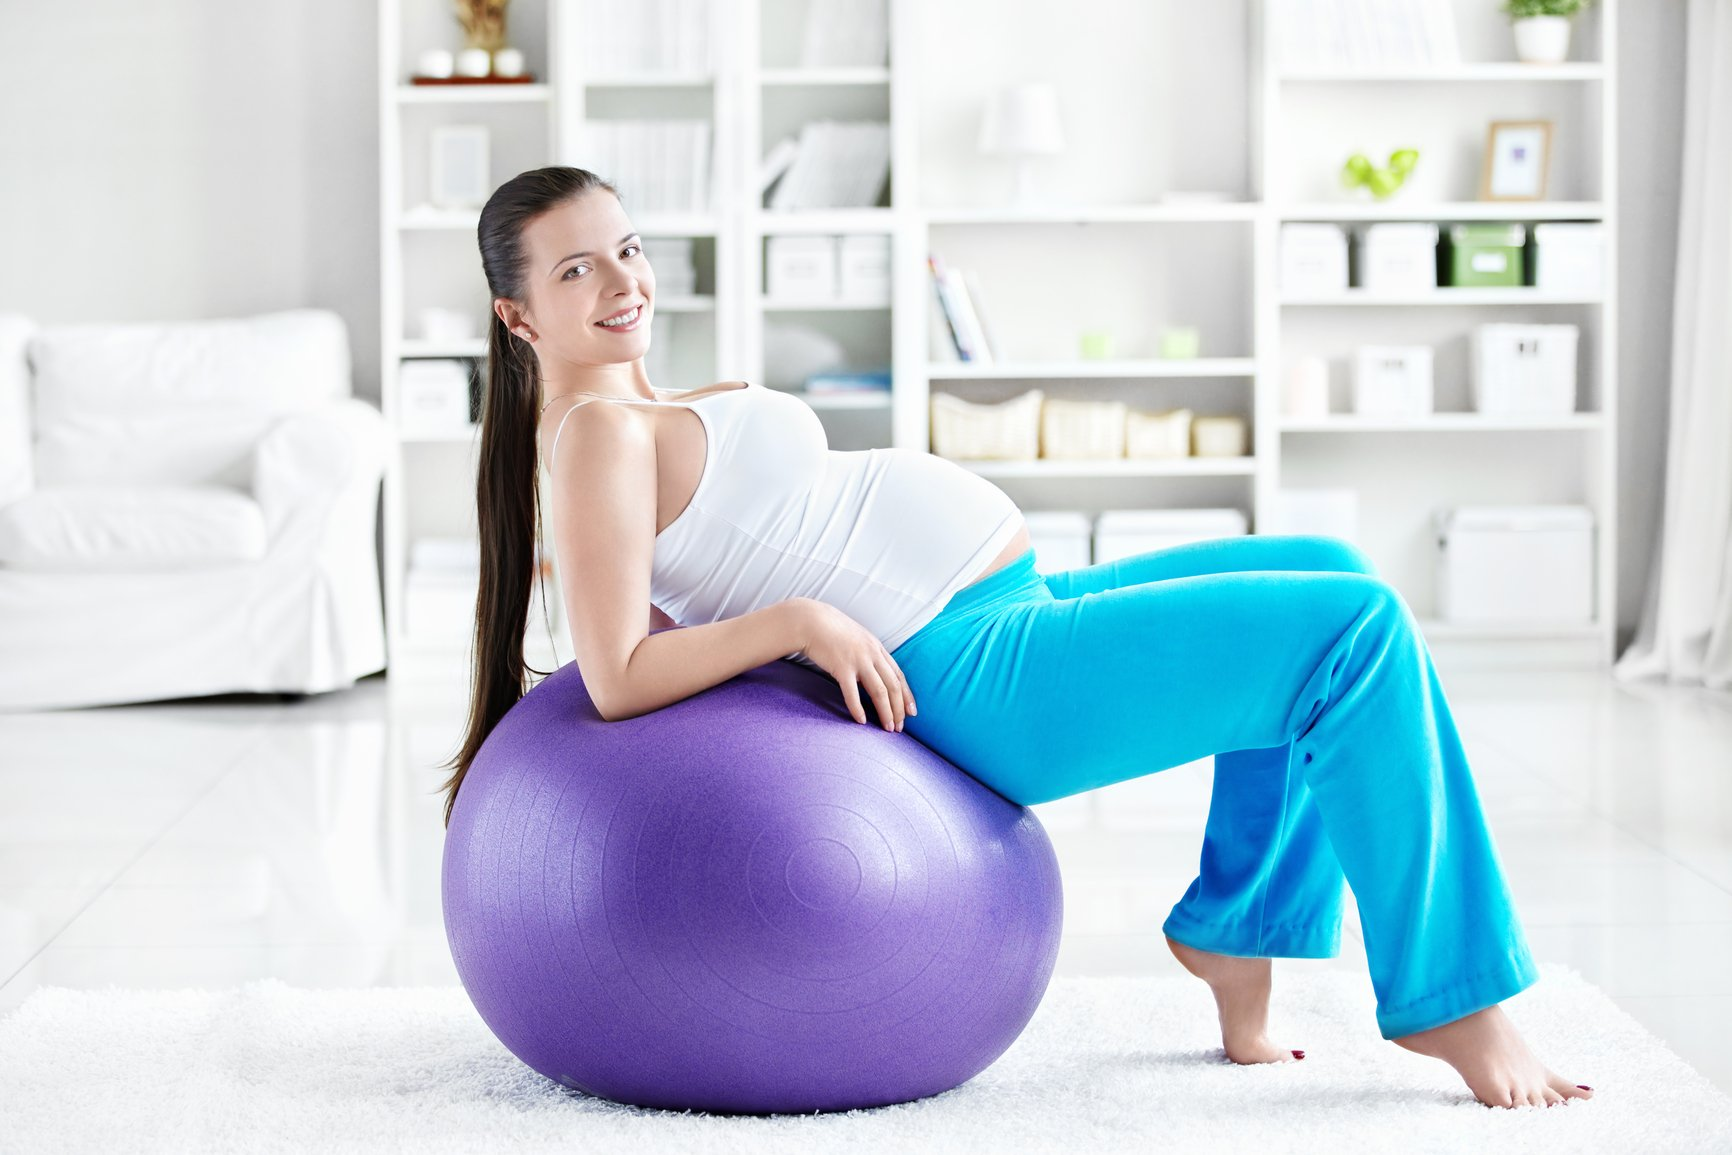 Комплекс упражнений для беременных на фитболе по триместрам